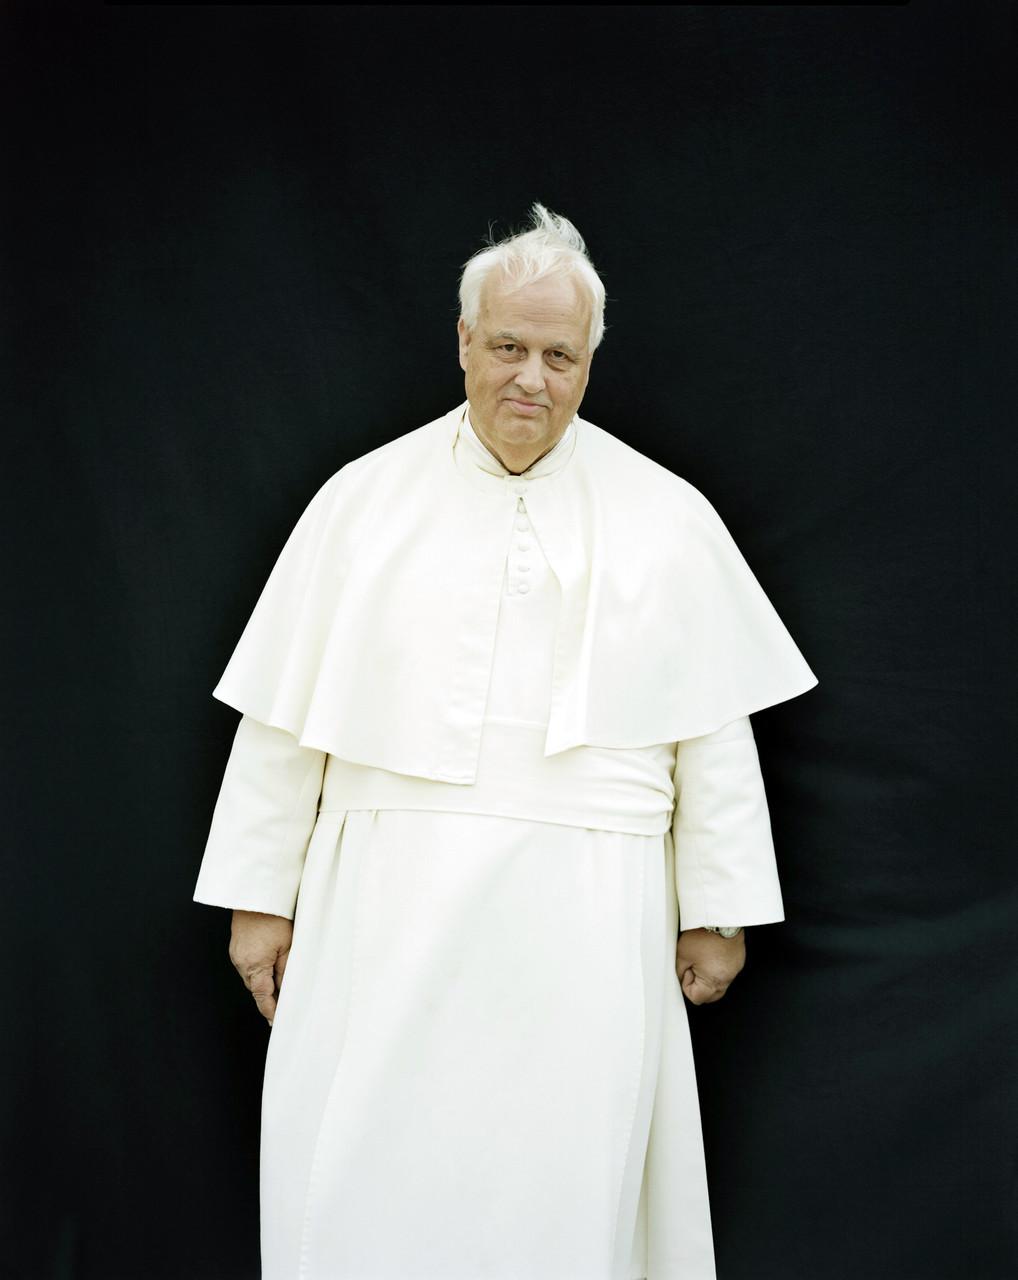 Der Papst war da   Berlin Olympiastadion 2011